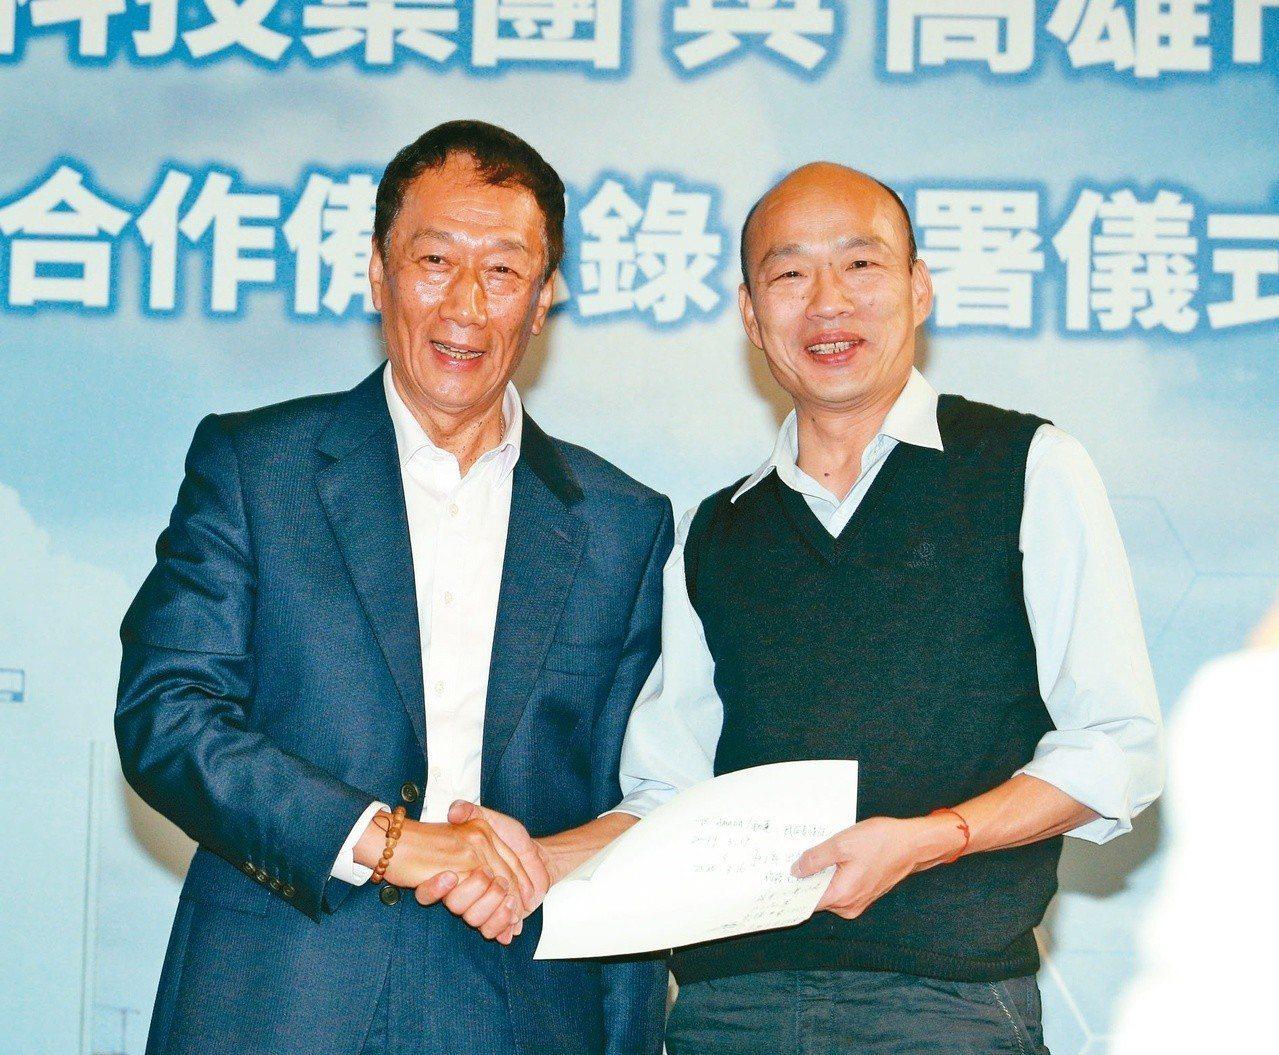 鴻海董事長郭台銘(左)曾南下跟高雄市長韓國瑜(右)合體,郭台銘當時強調未來會大力...